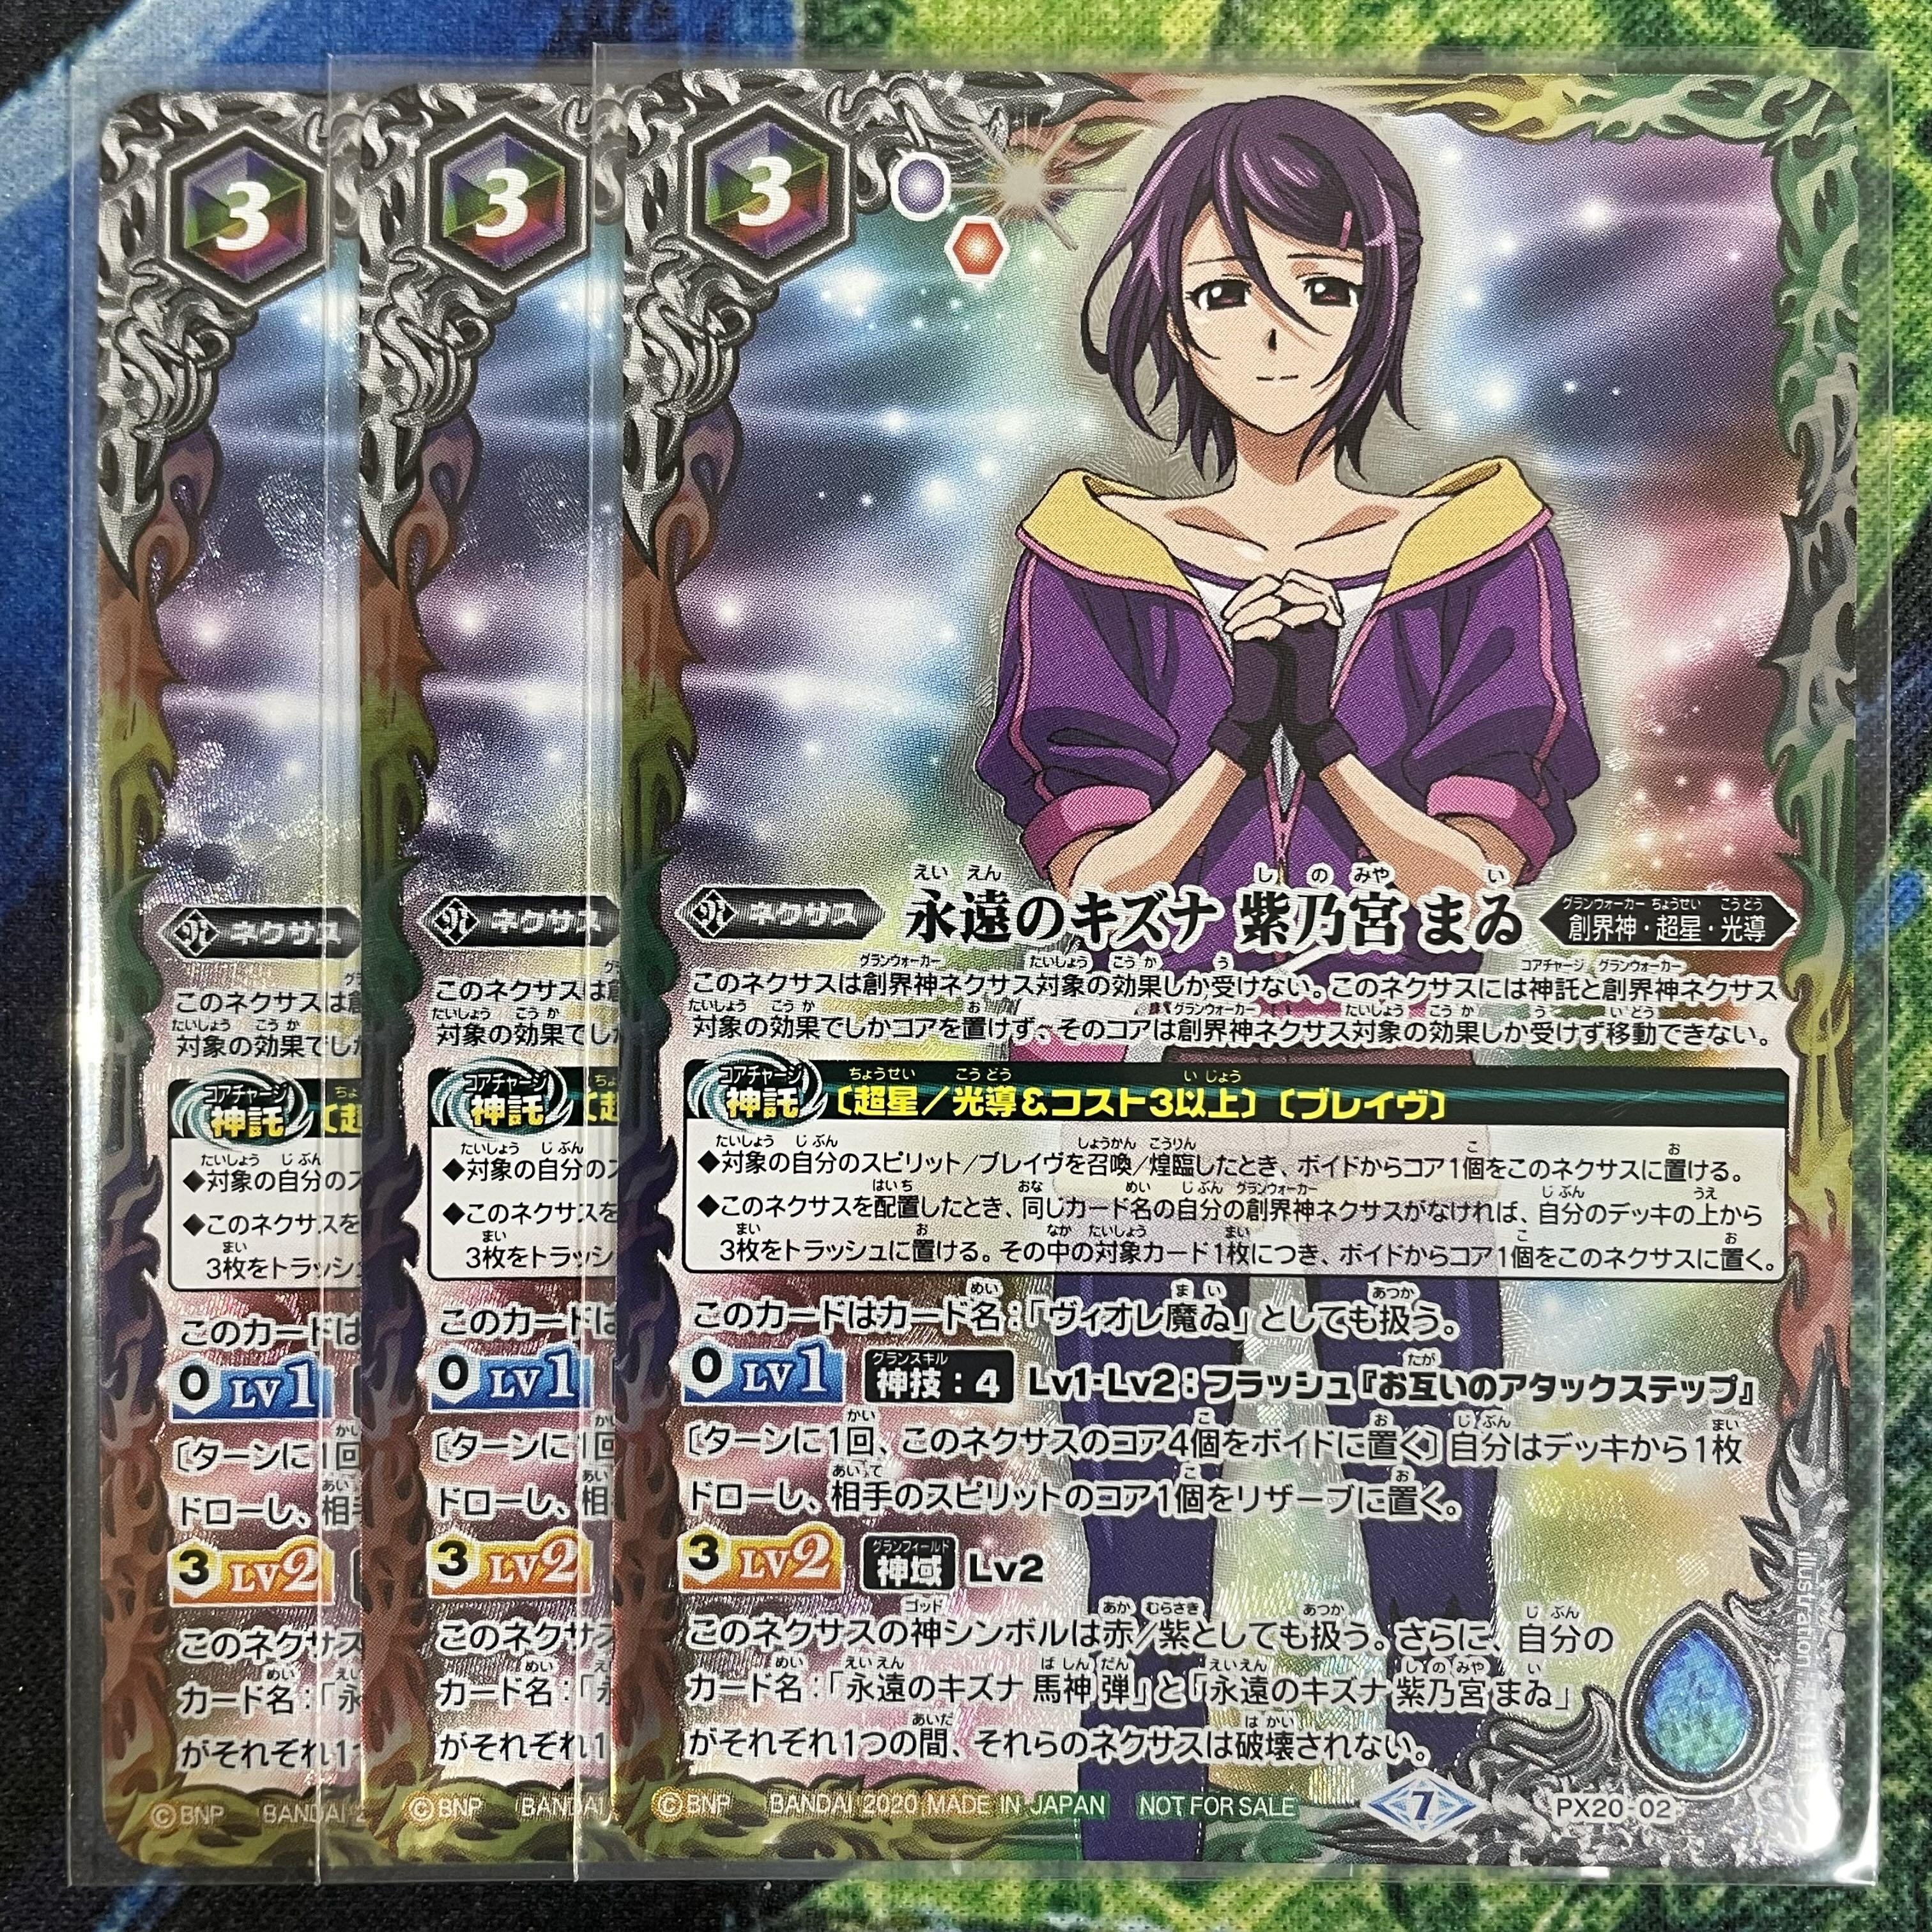 永遠のキズナ 紫乃宮 まゐ